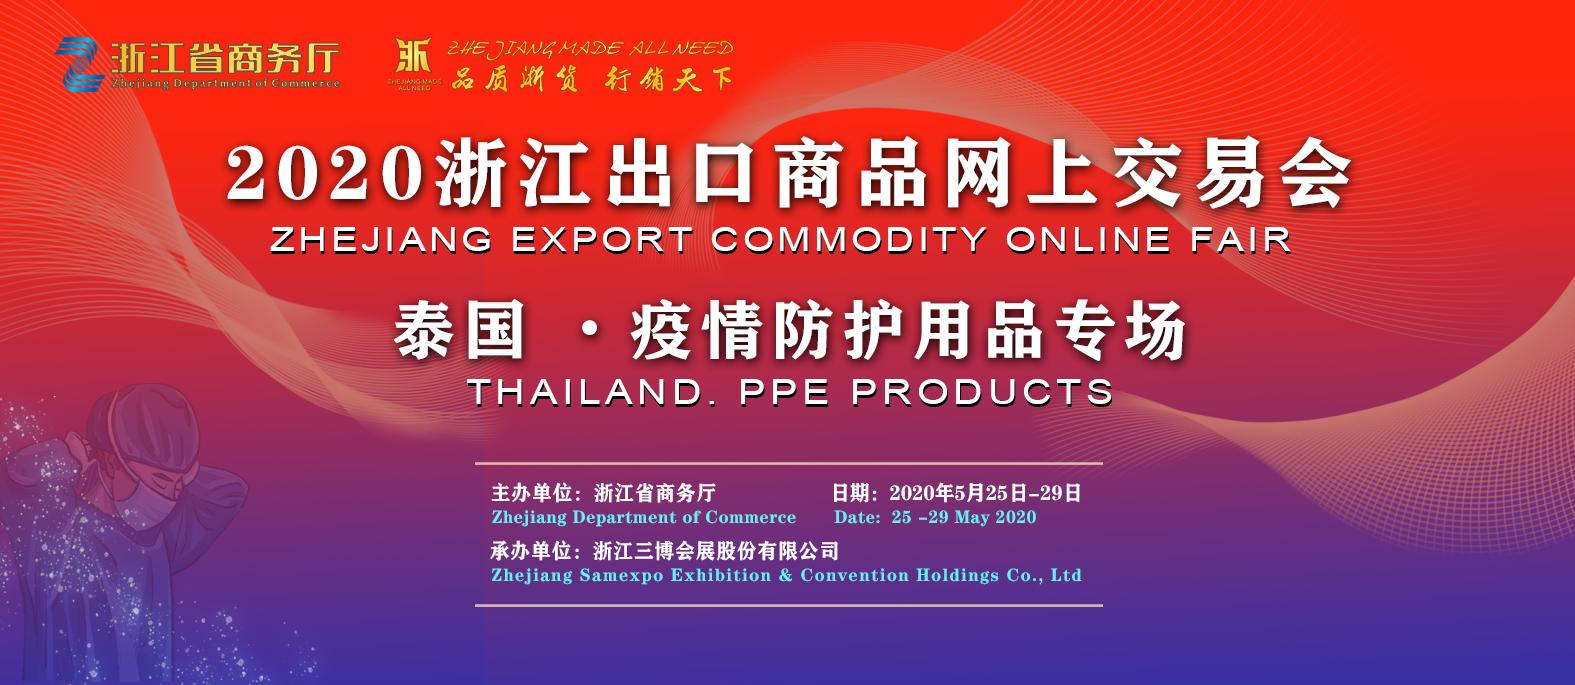 浙江出口商品网上交易会(泰国疫情防护专场)